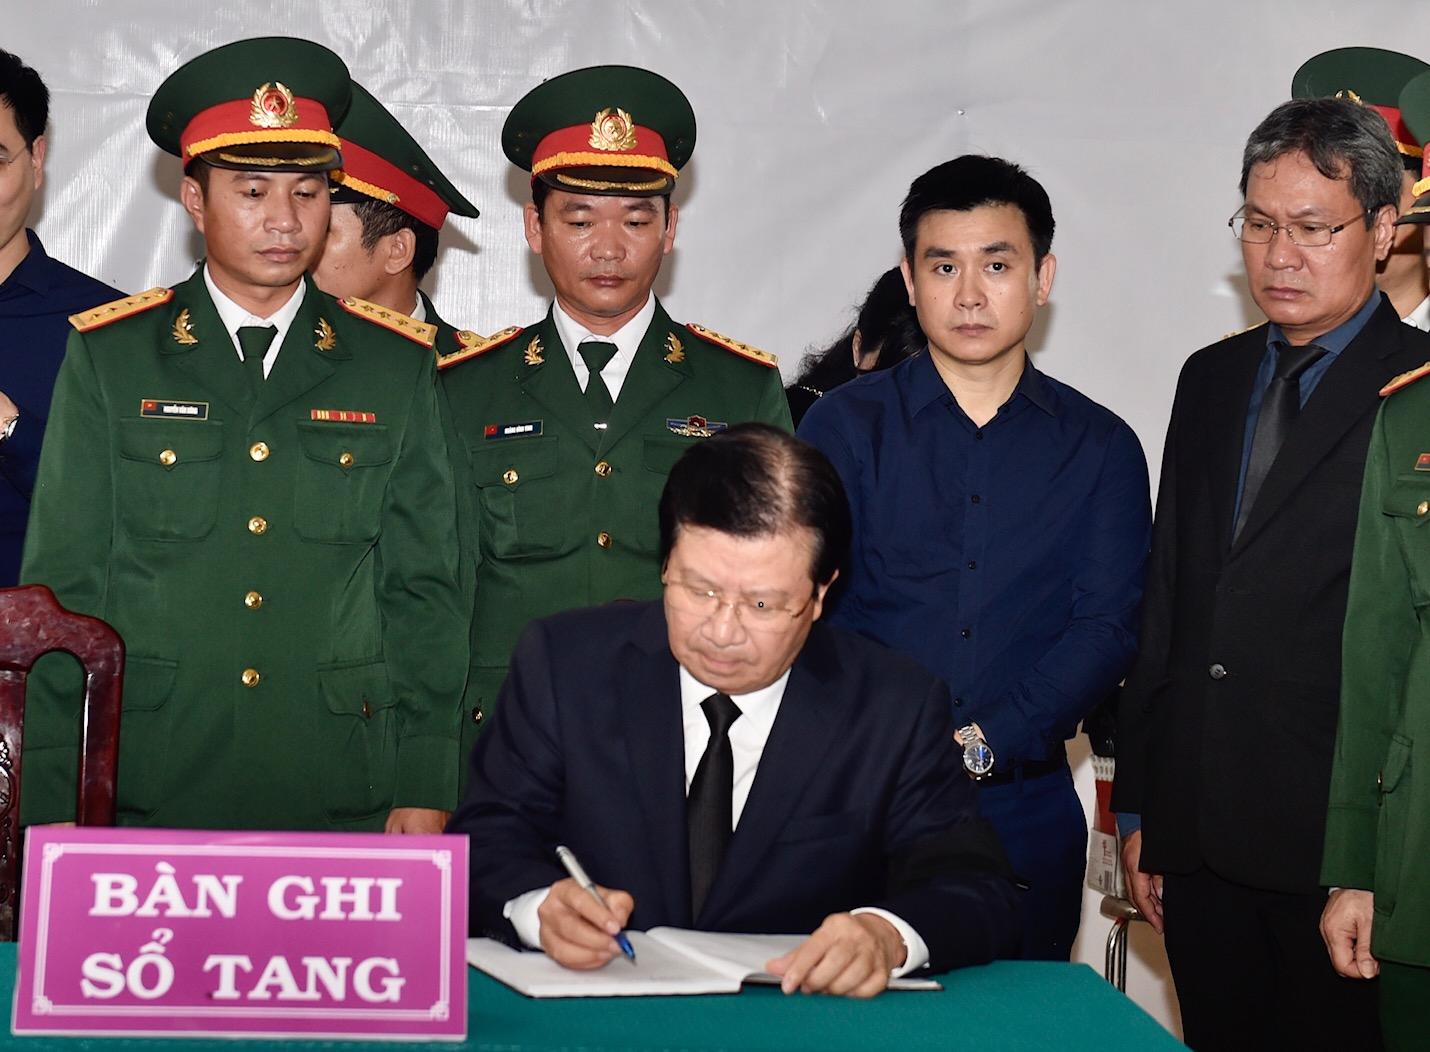 Phó Thủ tướng Trịnh Đình Dũng viếng 13 liệt sĩ hy sinh ở Rào Trăng - Ảnh 9